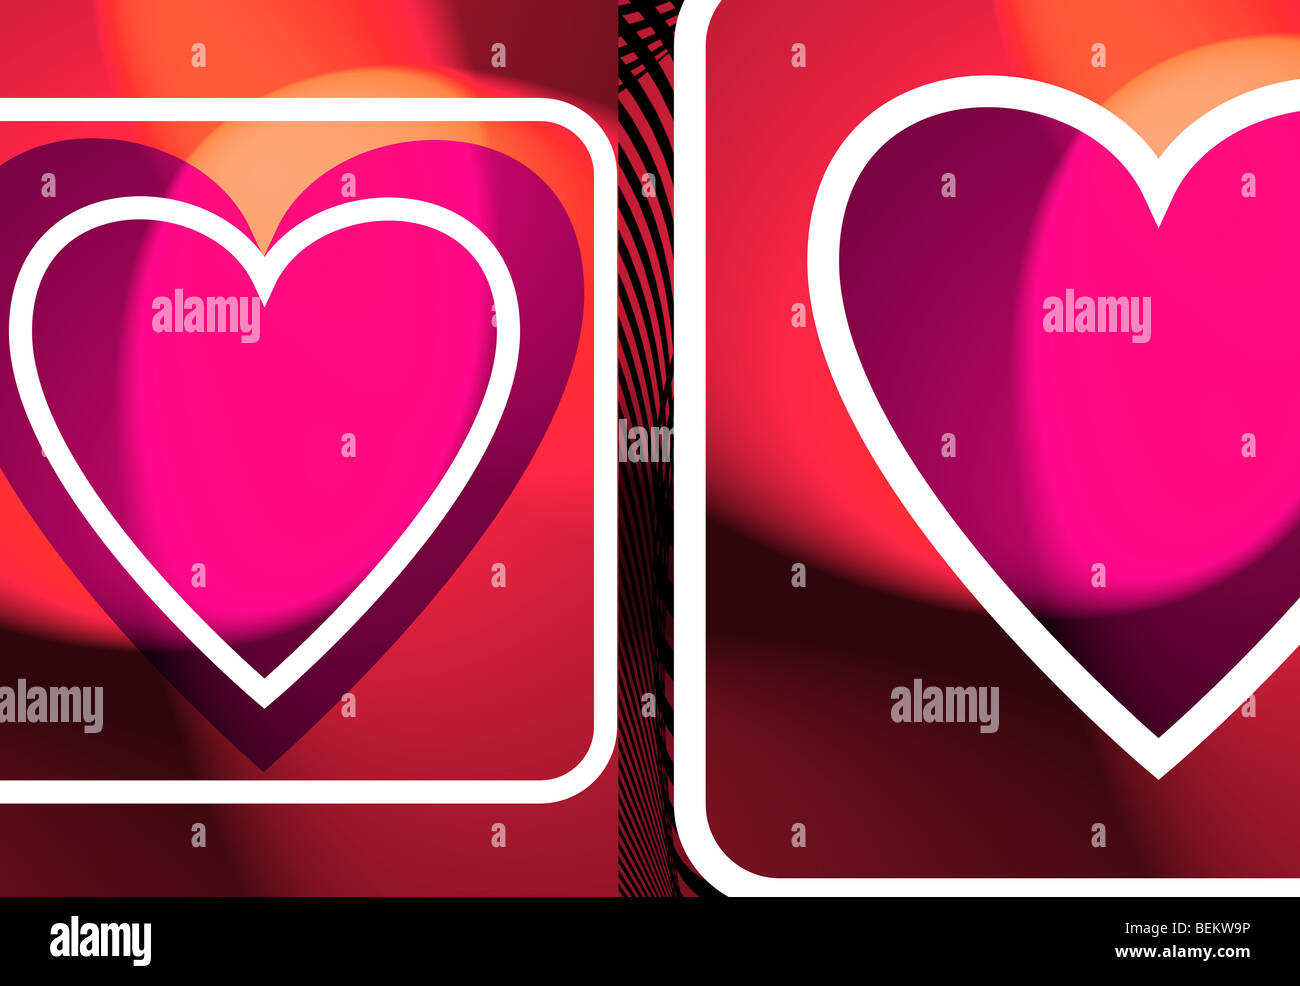 Ilustración de corazón multicolor Imagen De Stock